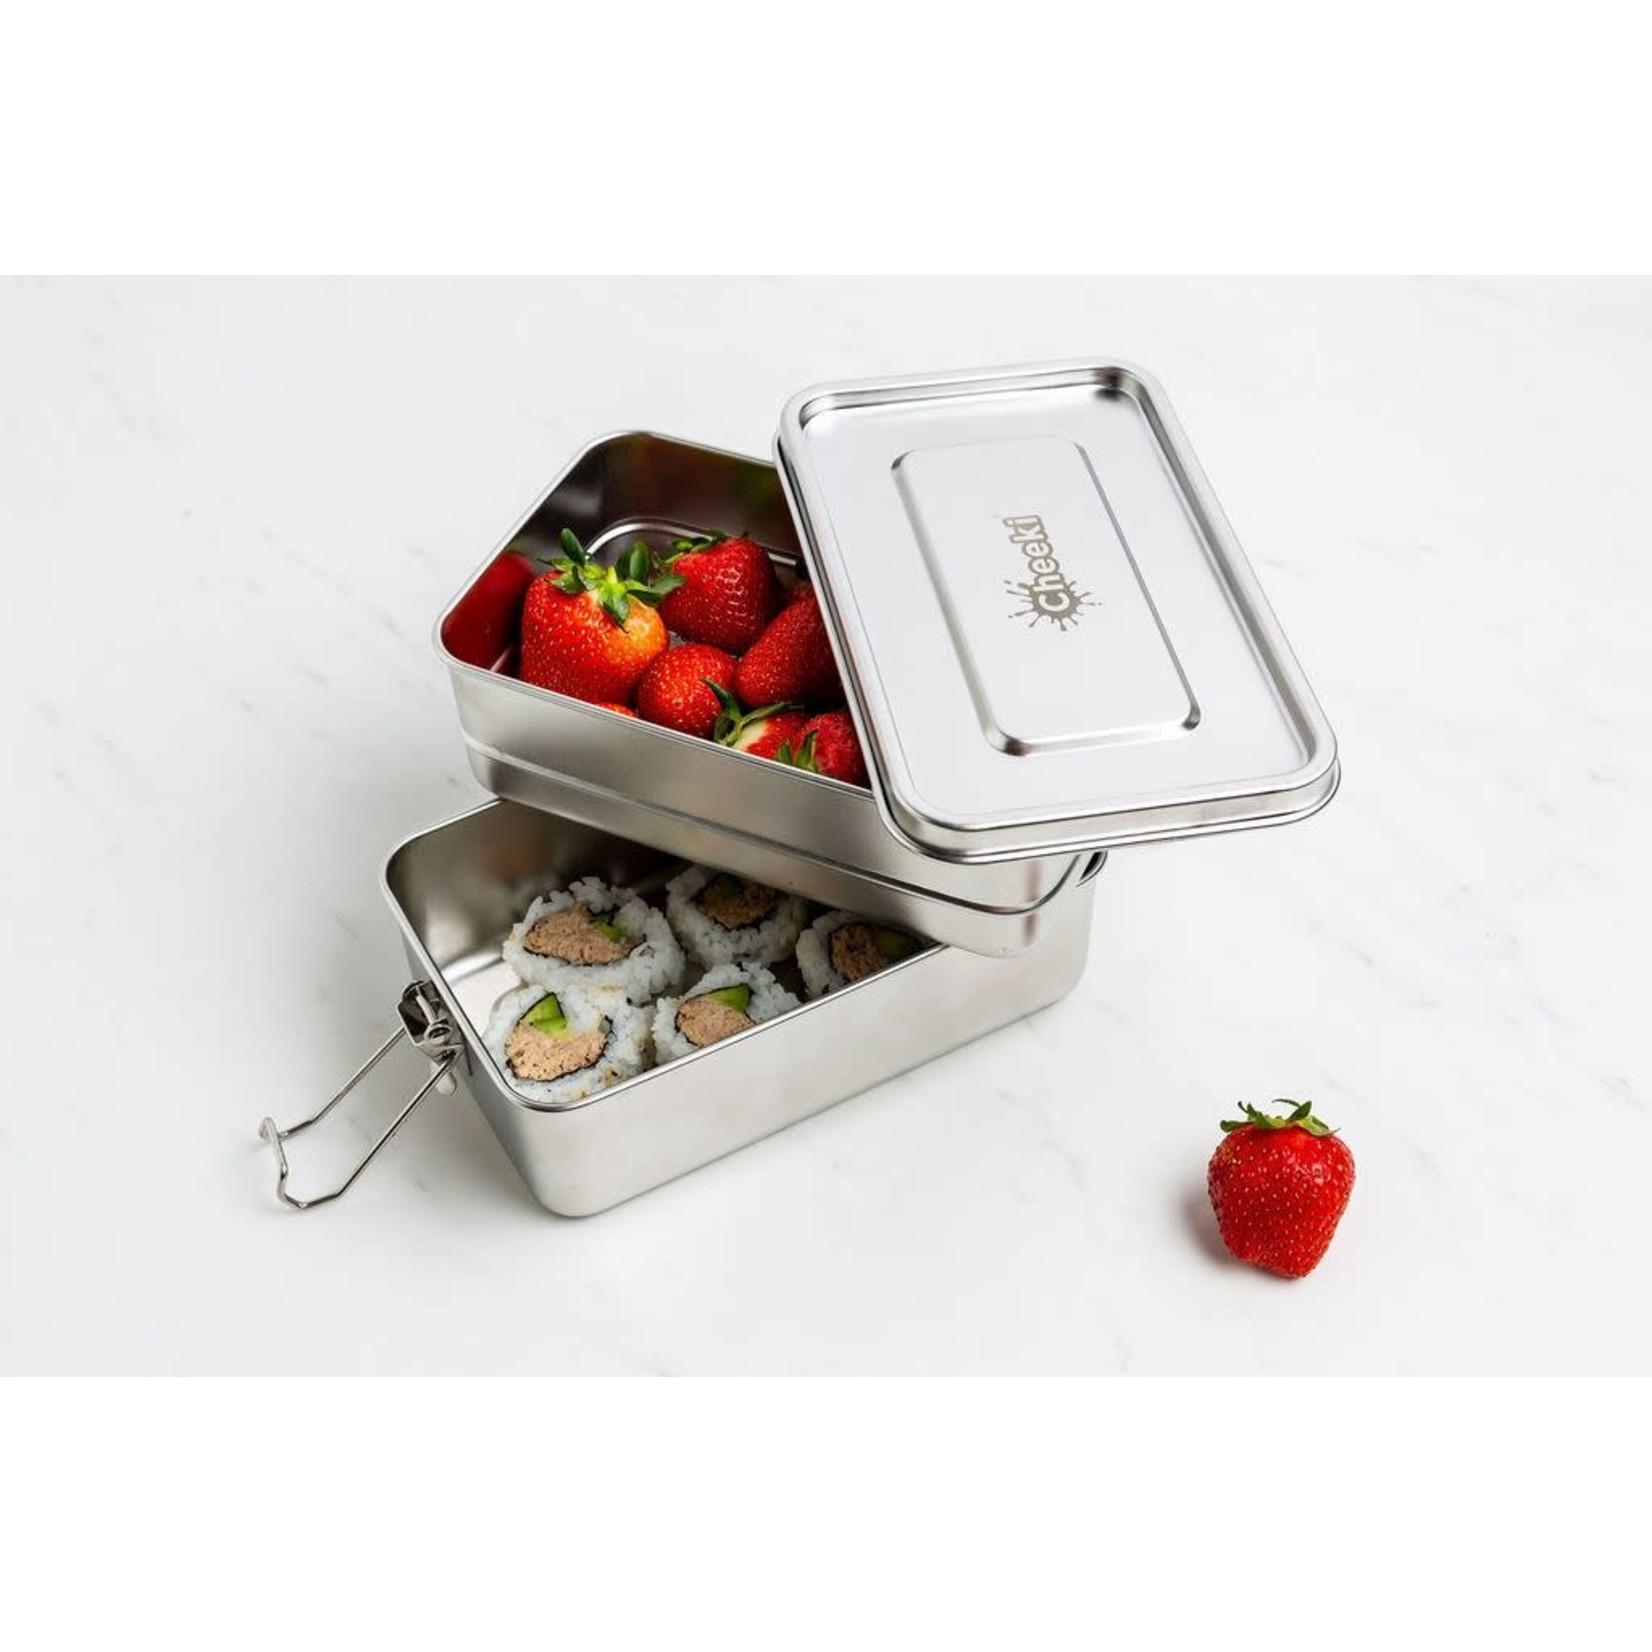 Cheeki Cheeki 1.2L Lunch Box - Double Stack